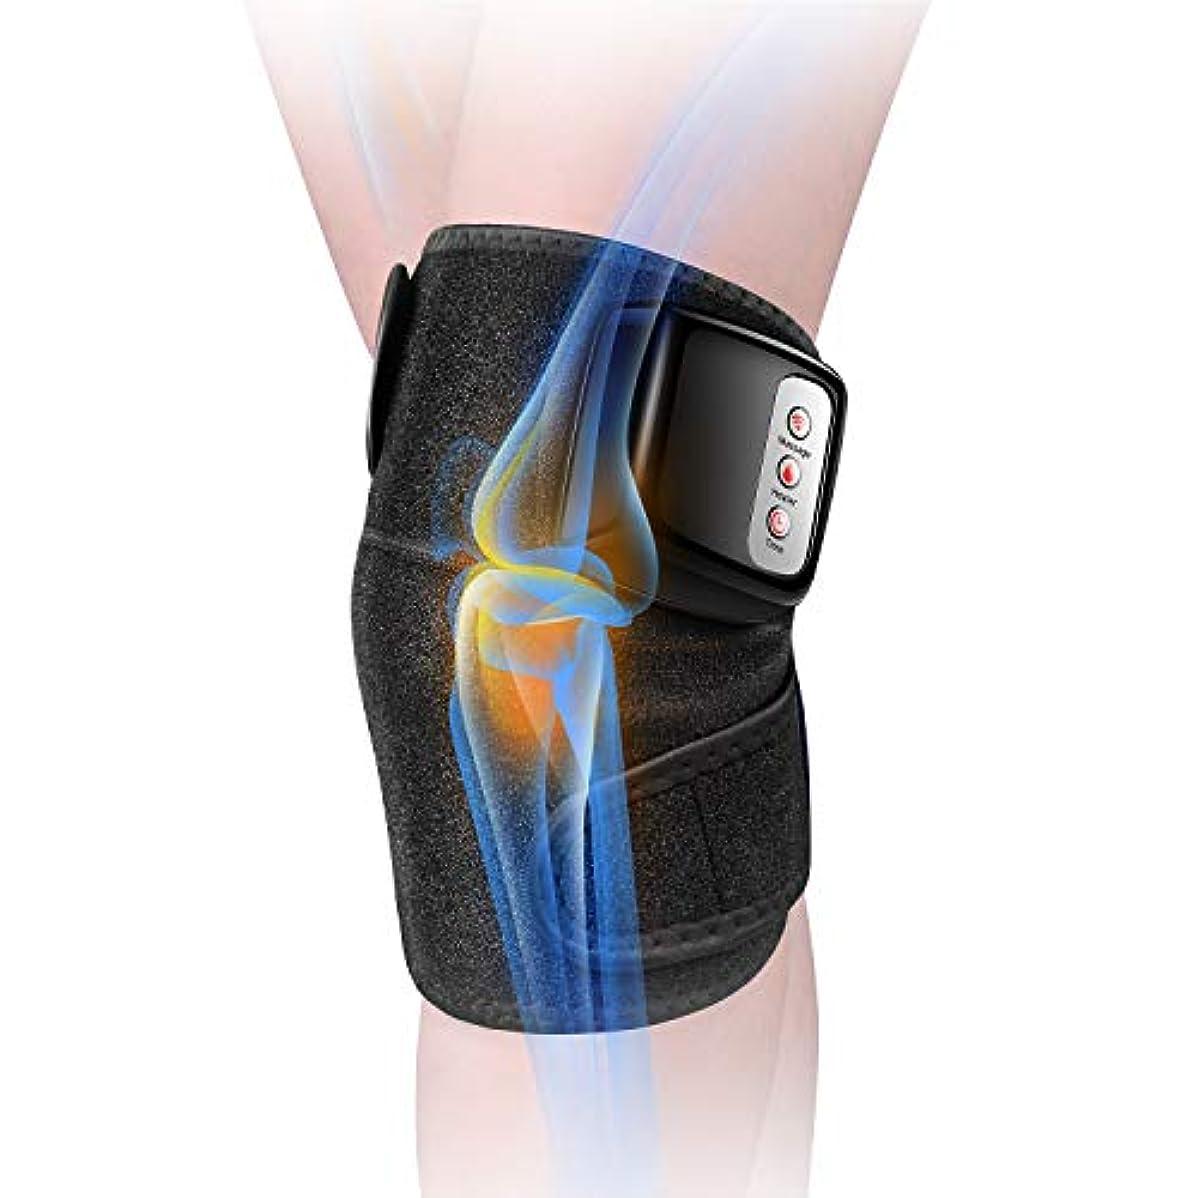 並外れて教える解体する膝マッサージャー 関節マッサージャー マッサージ器 フットマッサージャー 振動 赤外線療法 温熱療法 膝サポーター ストレス解消 肩 太もも/腕対応